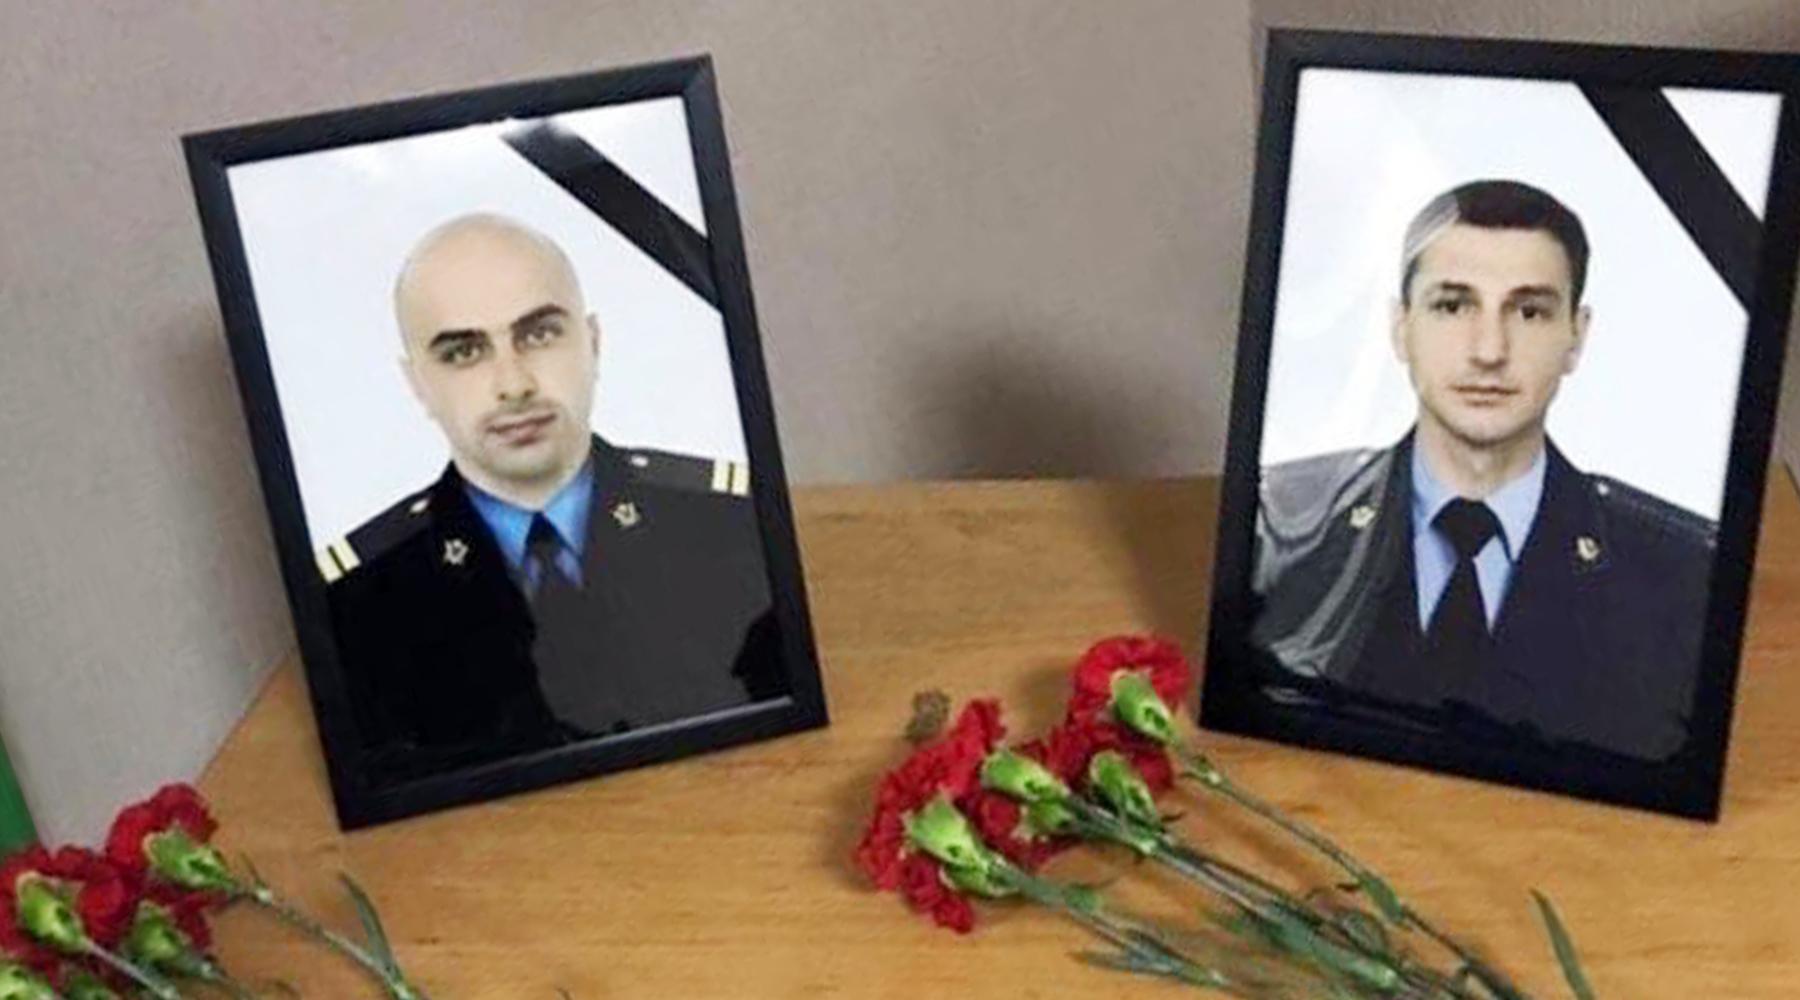 «Не раскаялся»: суд арестовал открывшего огонь по приставам жителя Сочи до 9 августа1